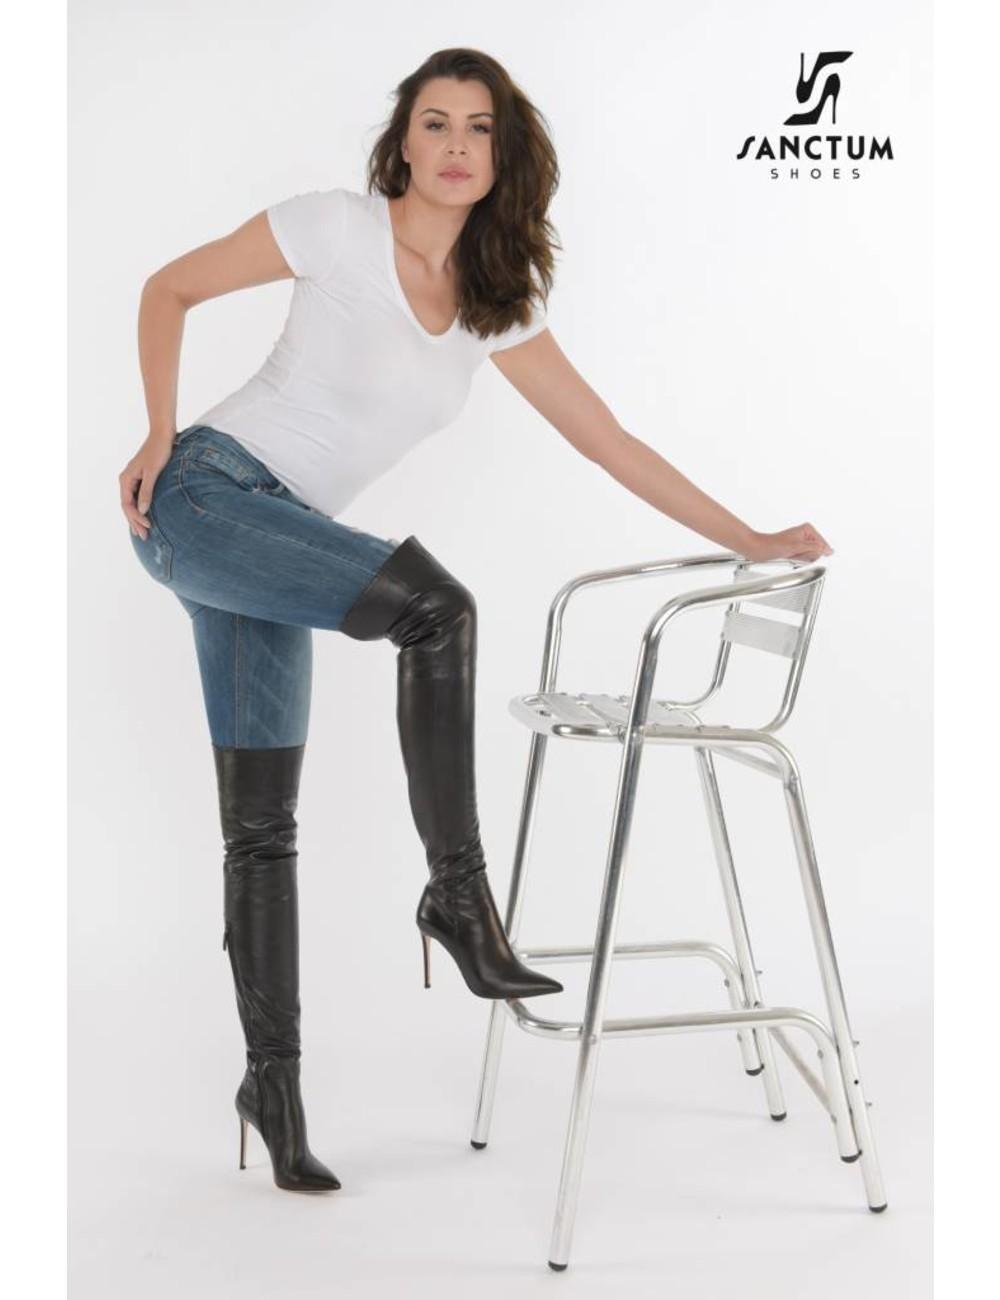 Sanctum  Olga in Hoge leren Italiaanse laarzen